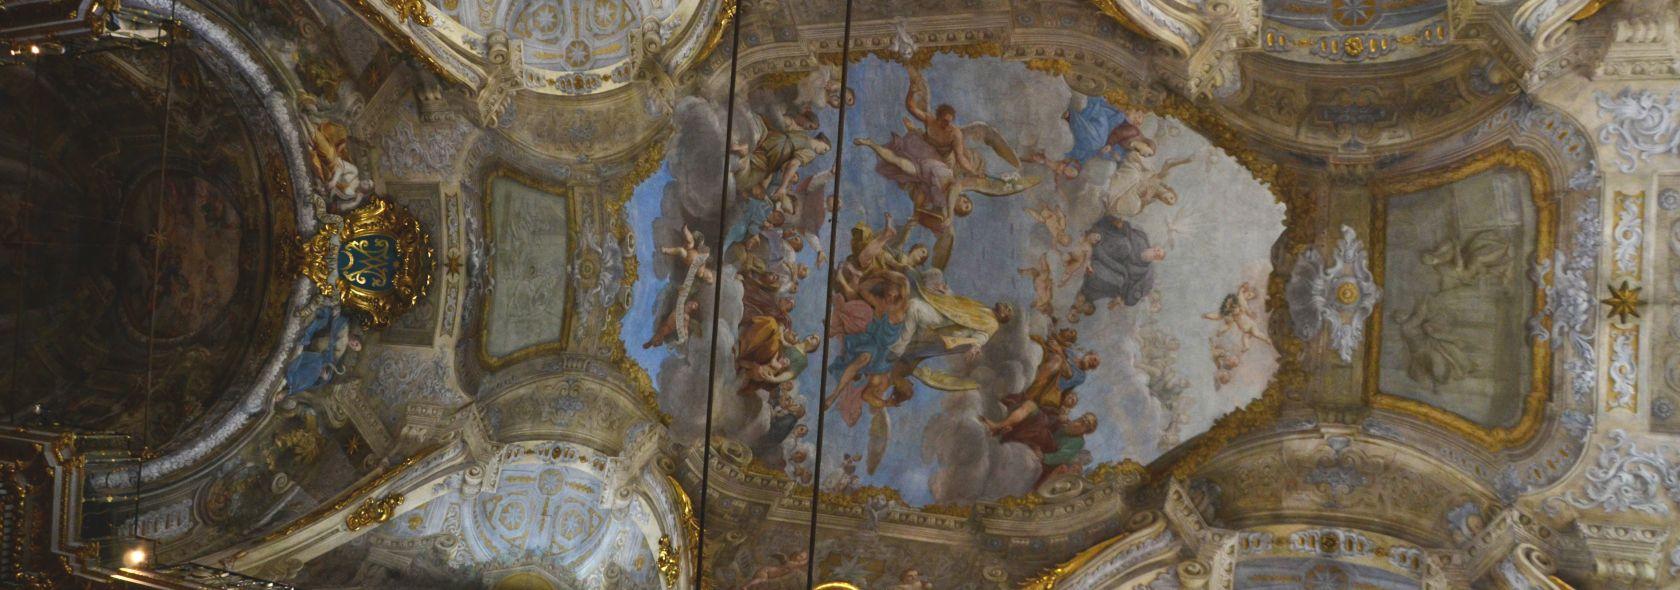 Chiesa di San Filippo Neri - affresco della volta - foto: Carlo Dall'Orto CC4.0